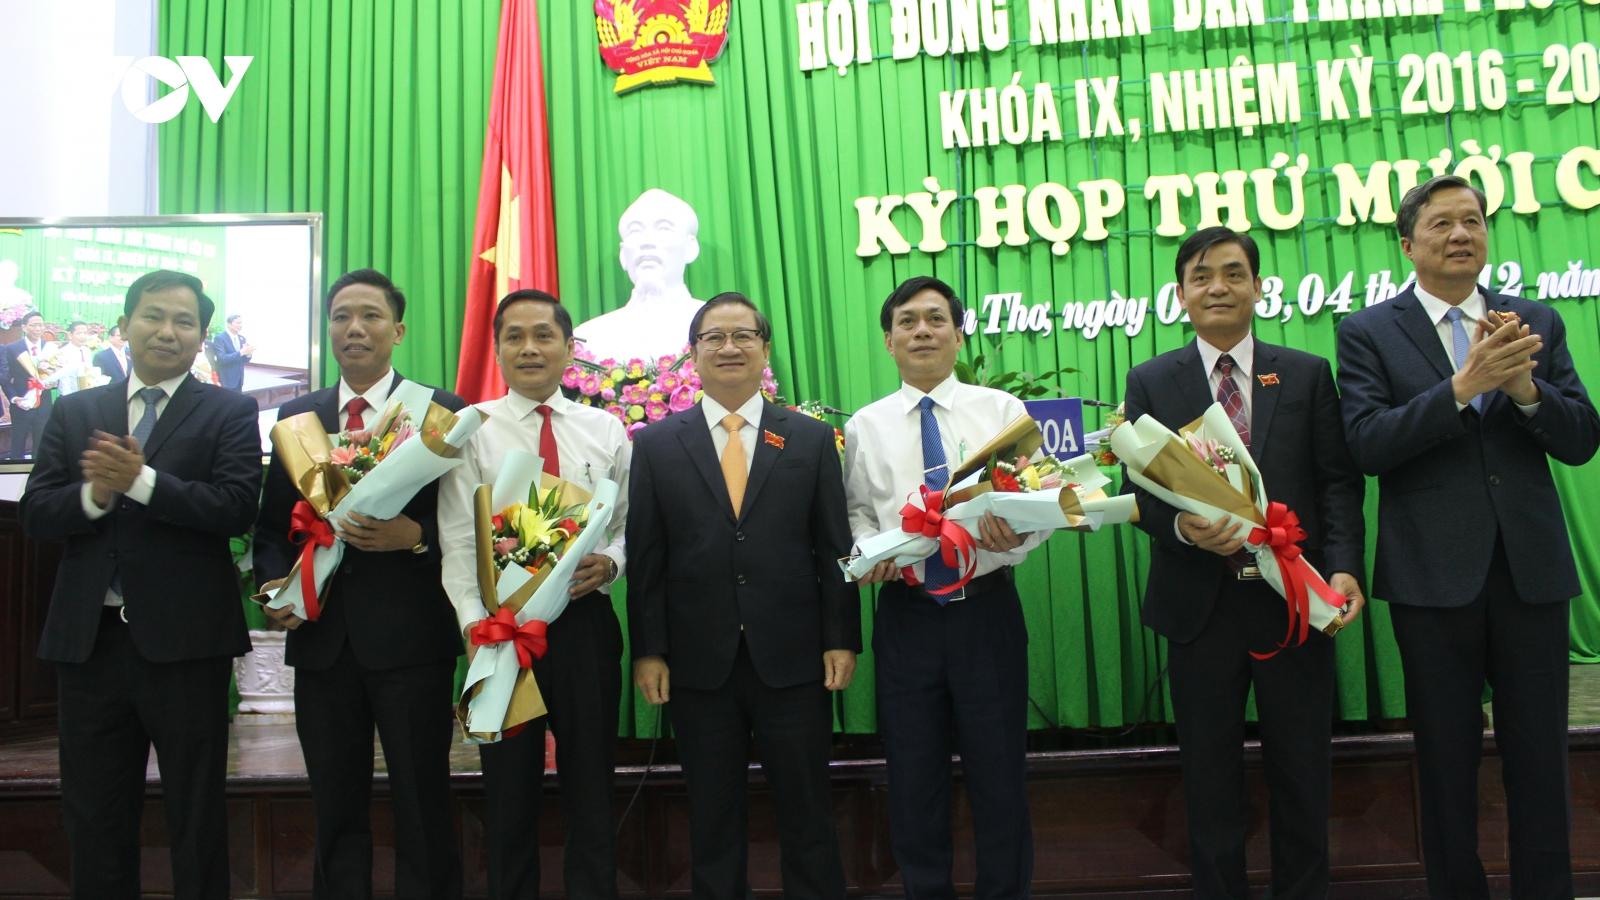 Cần Thơ bầu Phó Chủ tịch HĐND và Phó Chủ tịch UBND thành phố